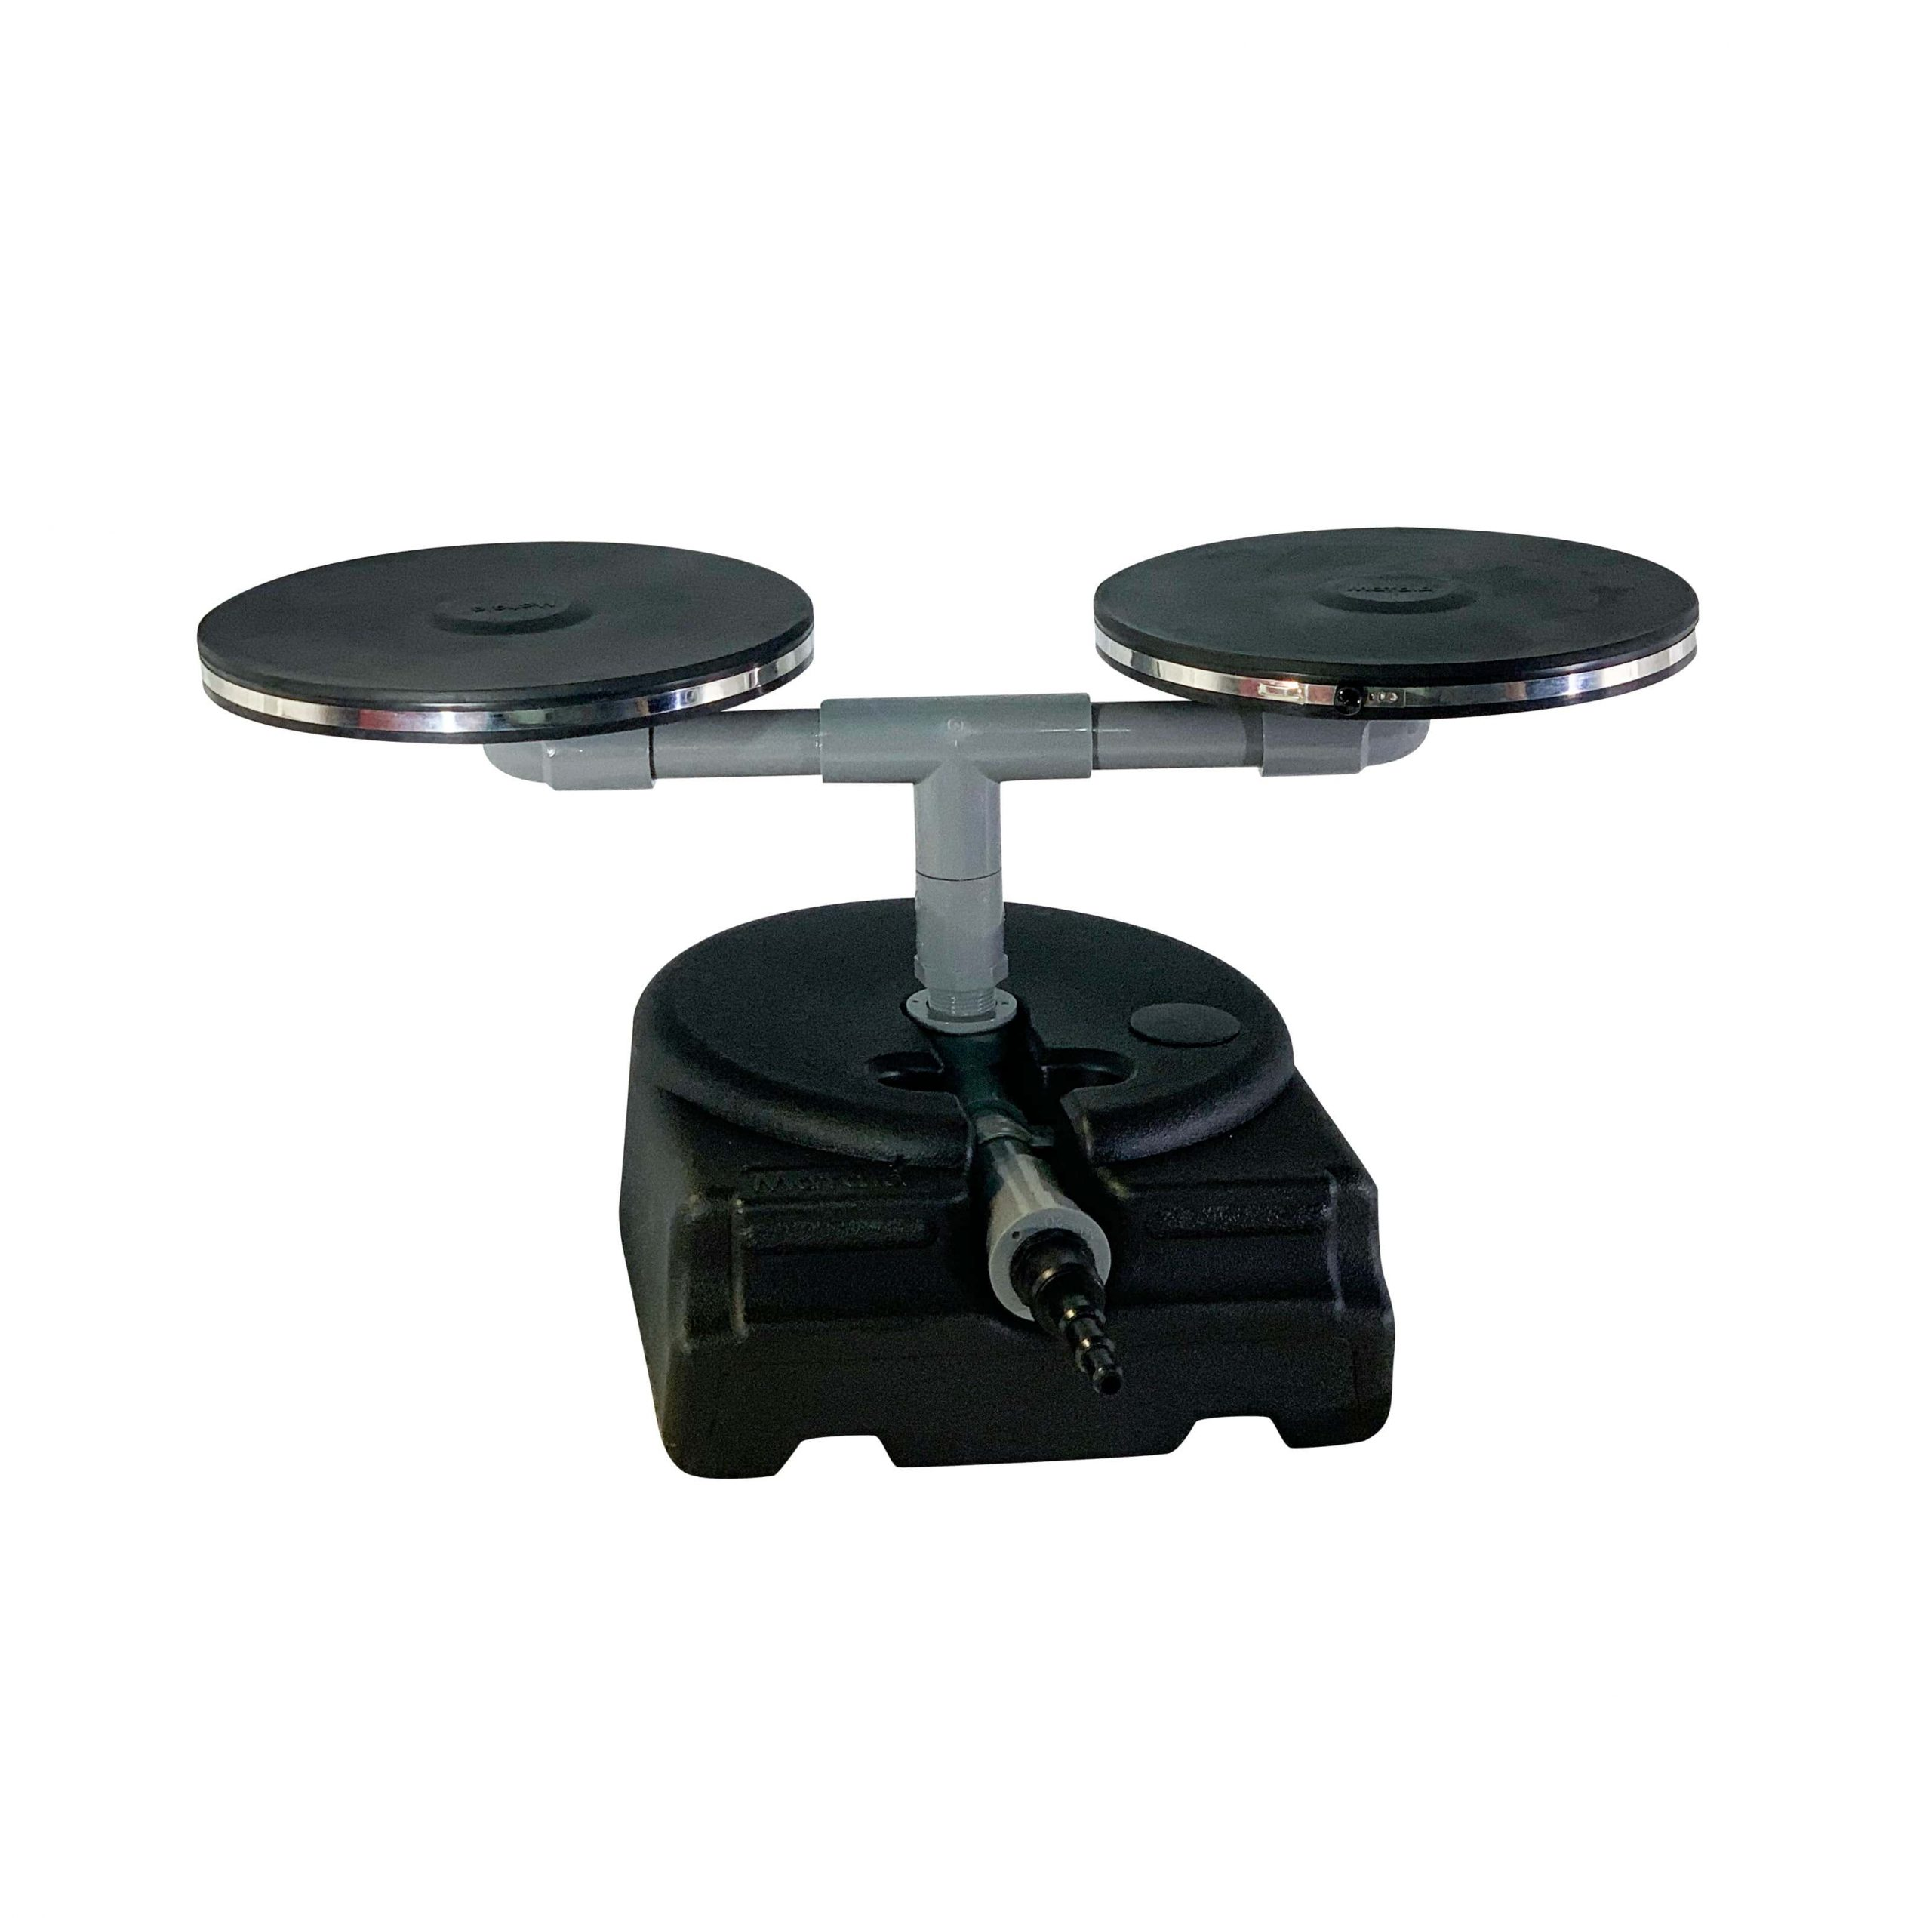 Diffuser-Base-2-+-2x-9INCH-Diffuser-Discs